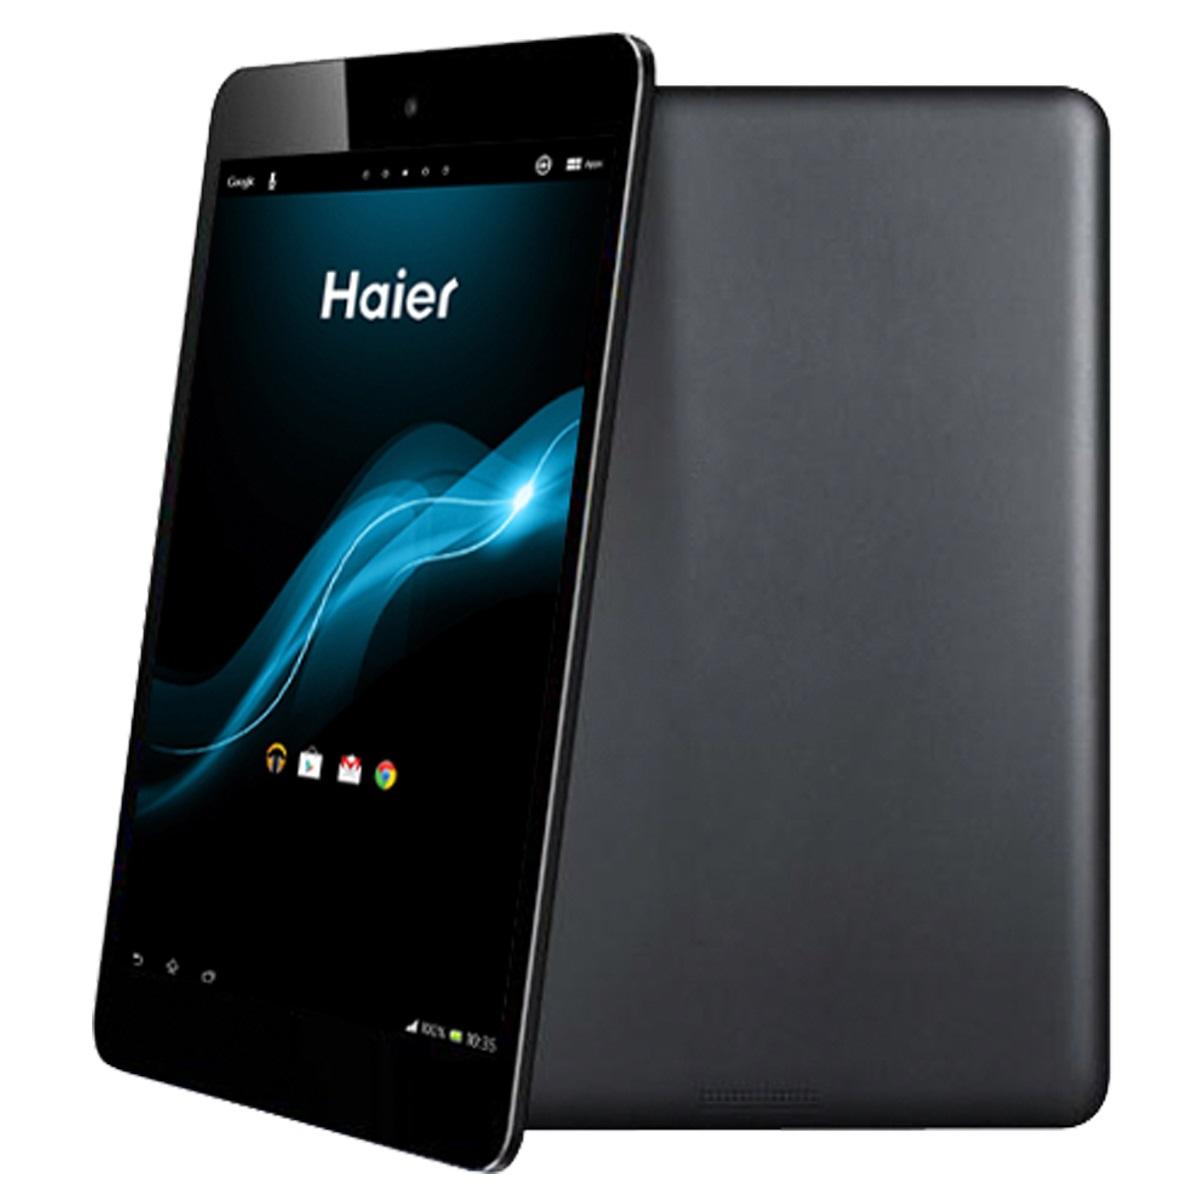 CES 2014 : Lancement des nouvelles tablettes de la marque Haier